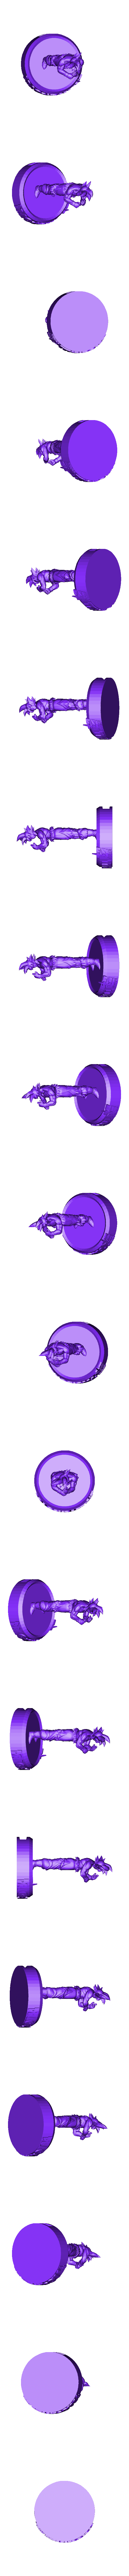 full0.stl Télécharger fichier STL gratuit Goku • Design imprimable en 3D, archivosstl3d